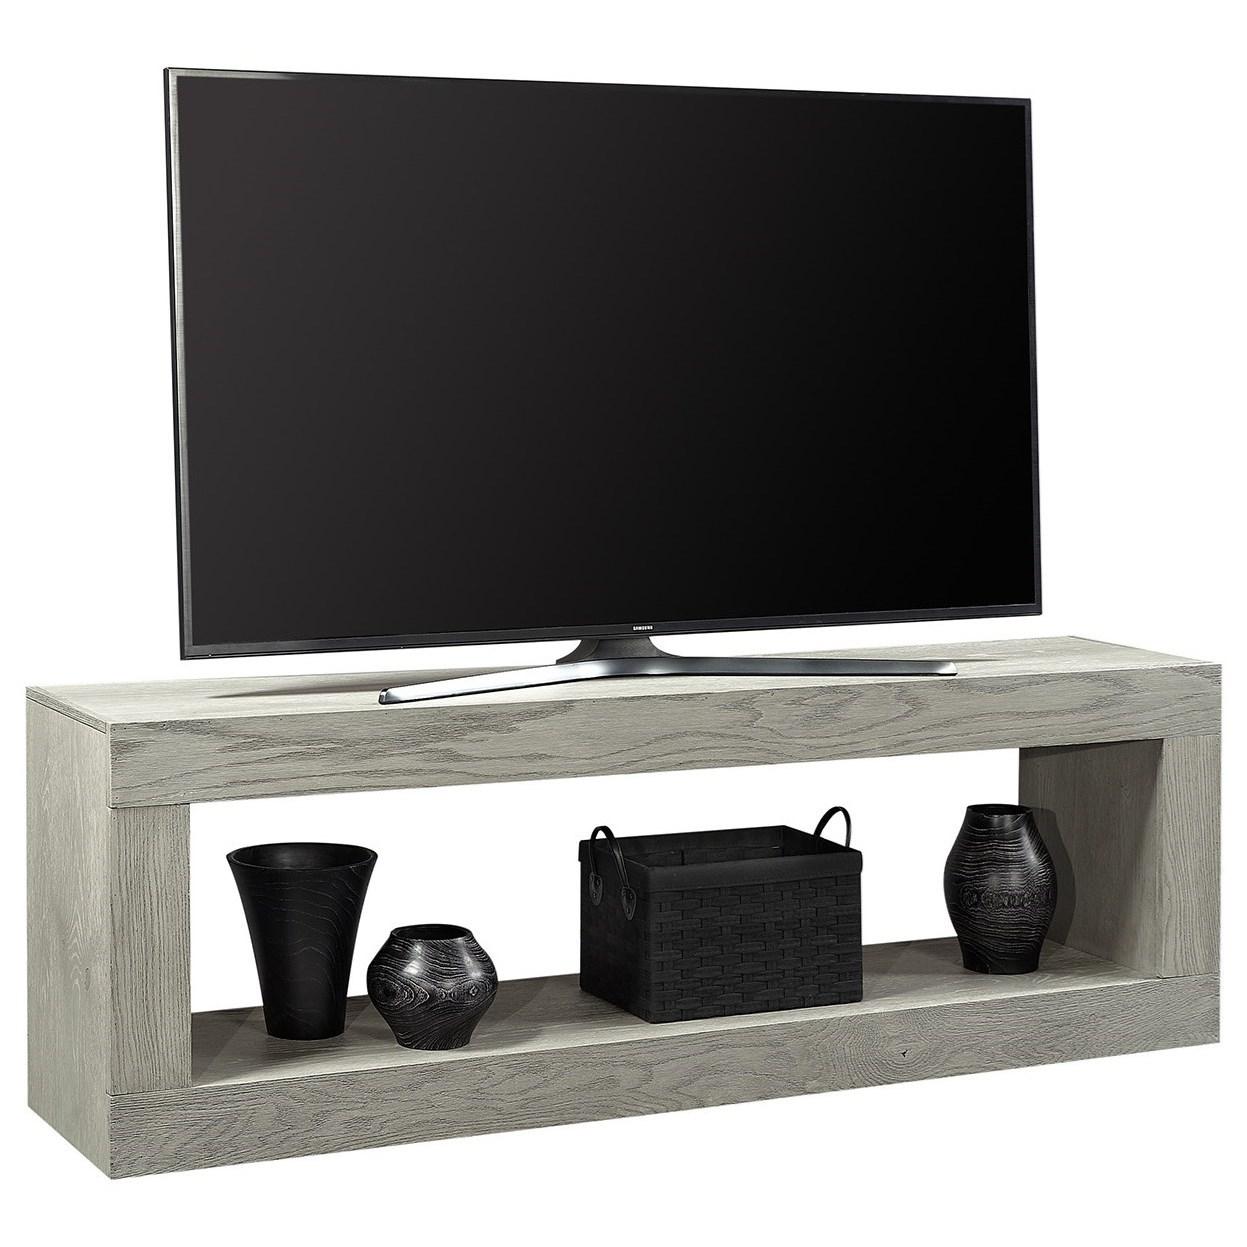 Nova Oak Open Console TV Stand by Aspenhome at Walker's Furniture